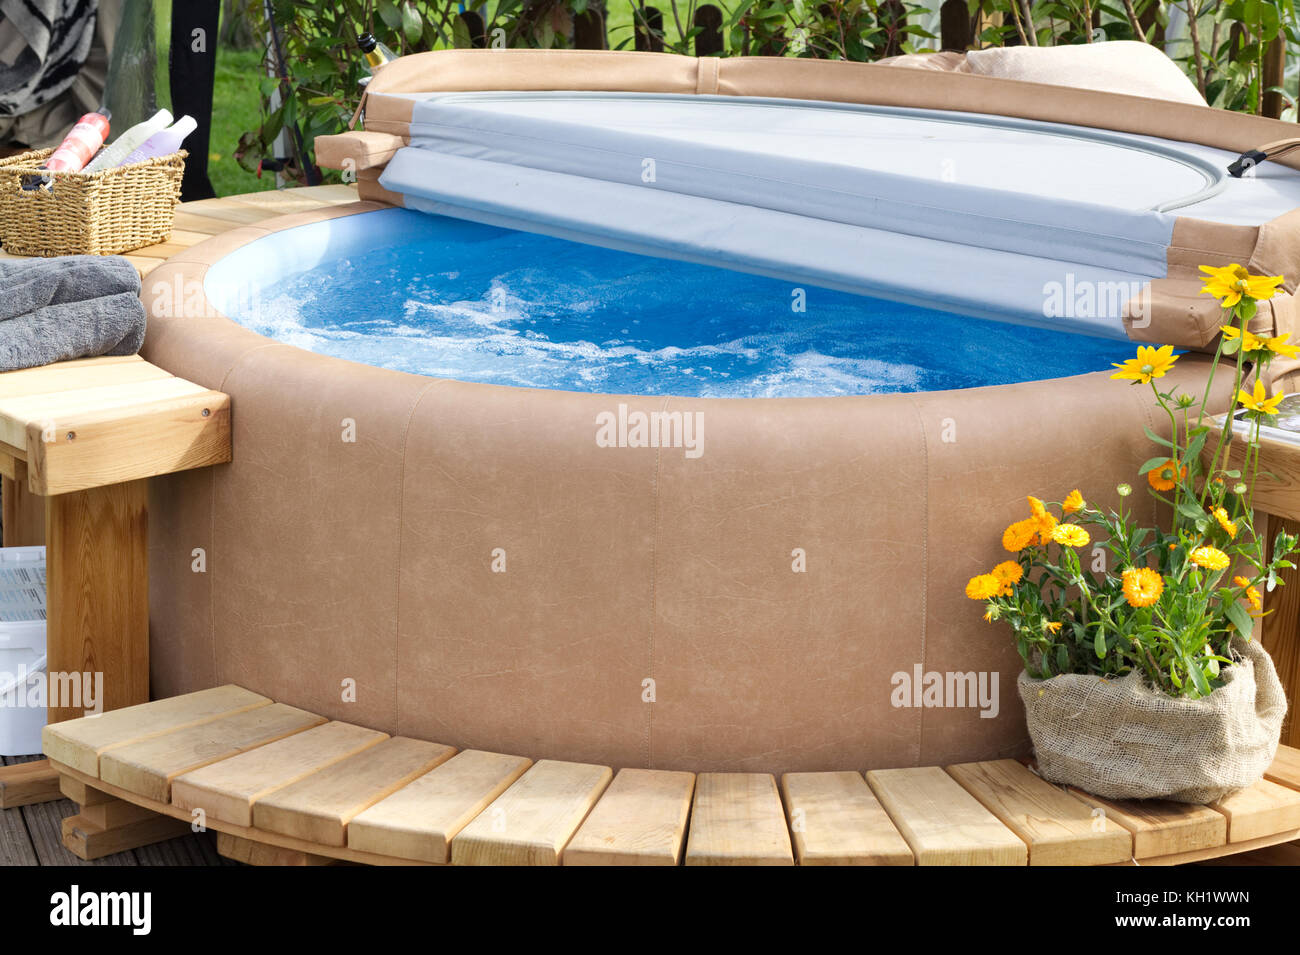 Whirlpool mit Holzterrasse im Garten Stockfoto, Bild: 165384737 - Alamy